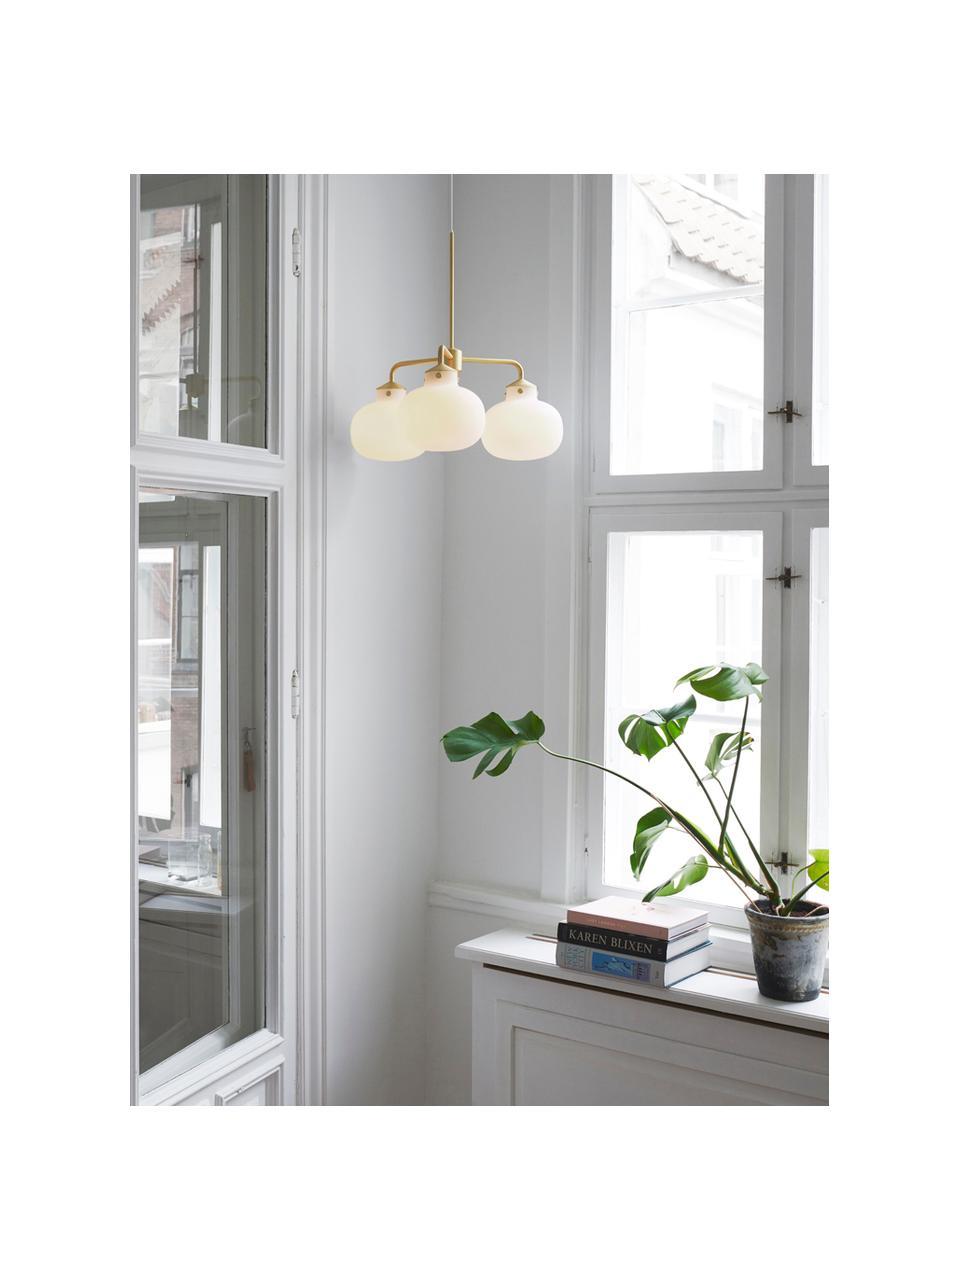 Lampada a sospensione in vetro Raito, Paralume: vetro opale, Decorazione: metallo, Baldacchino: materiale sintetico, Bianco opalino, ottone, Ø 57 x Alt. 55 cm